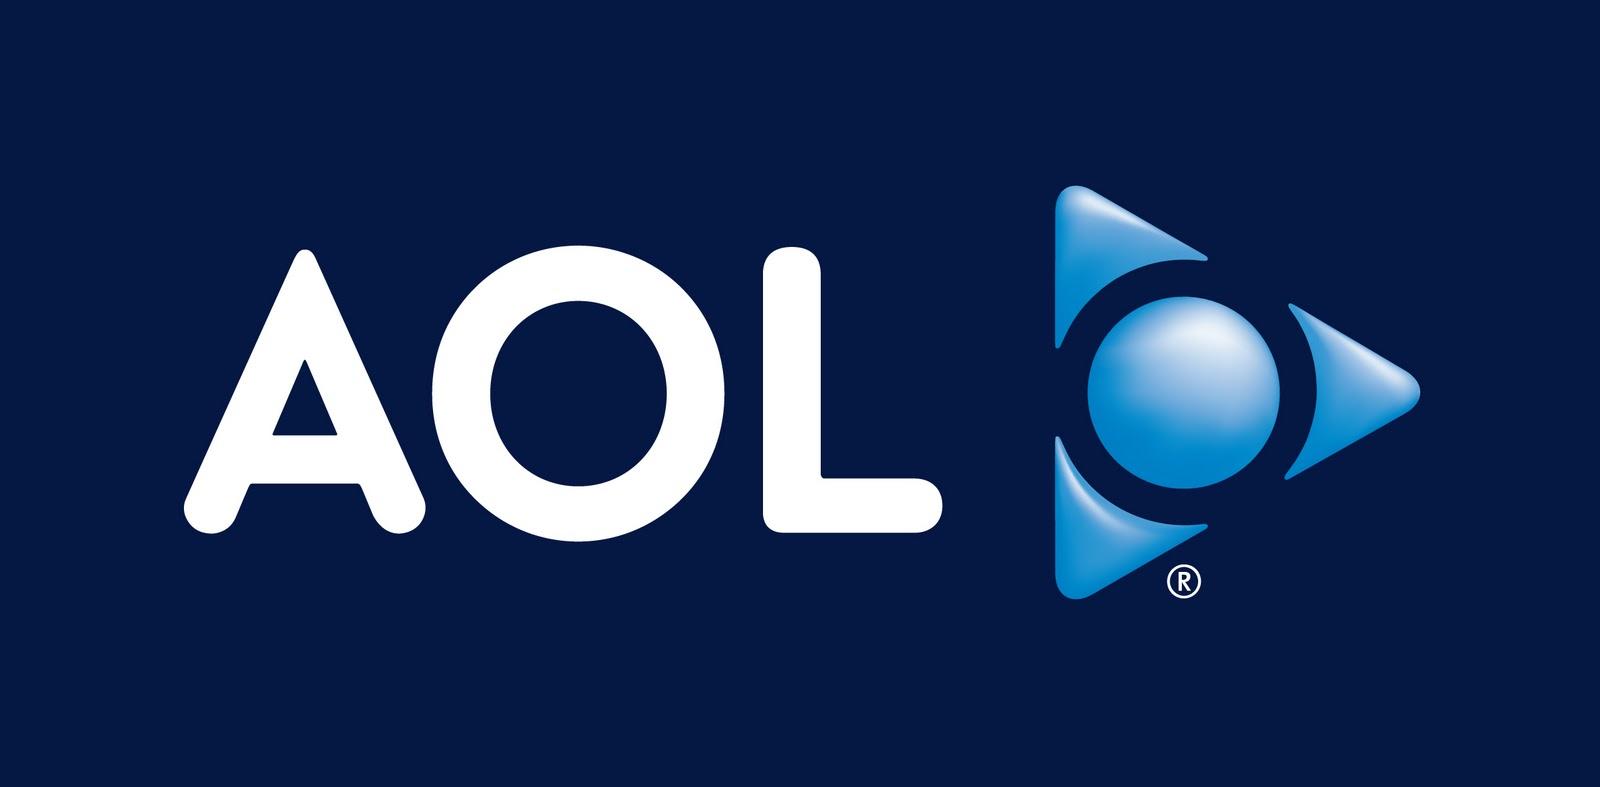 AOL Logos